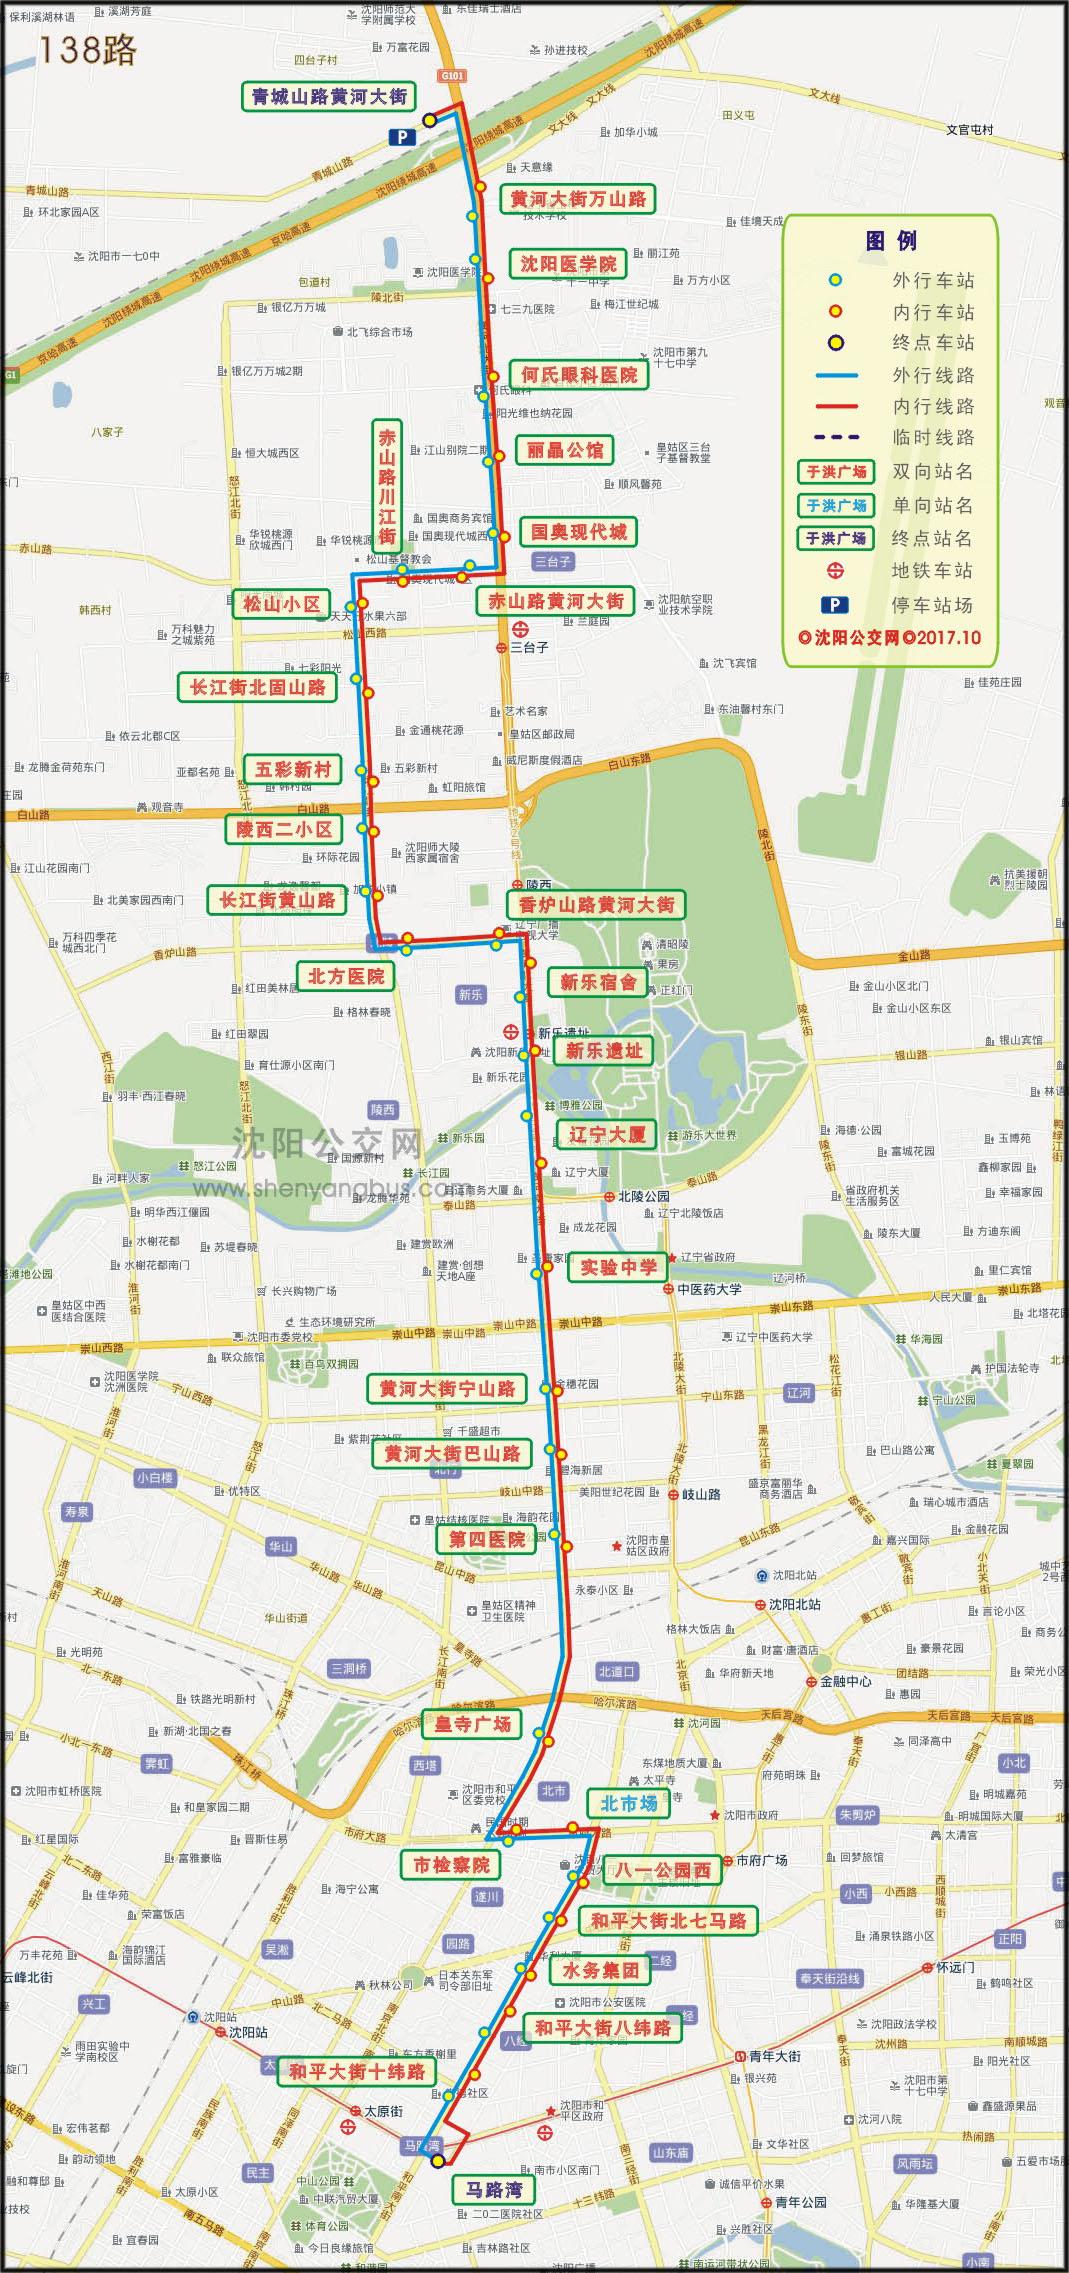 6:00    末车  20:00   青城山路黄河大街,黄河大街万山路,沈阳医学院图片